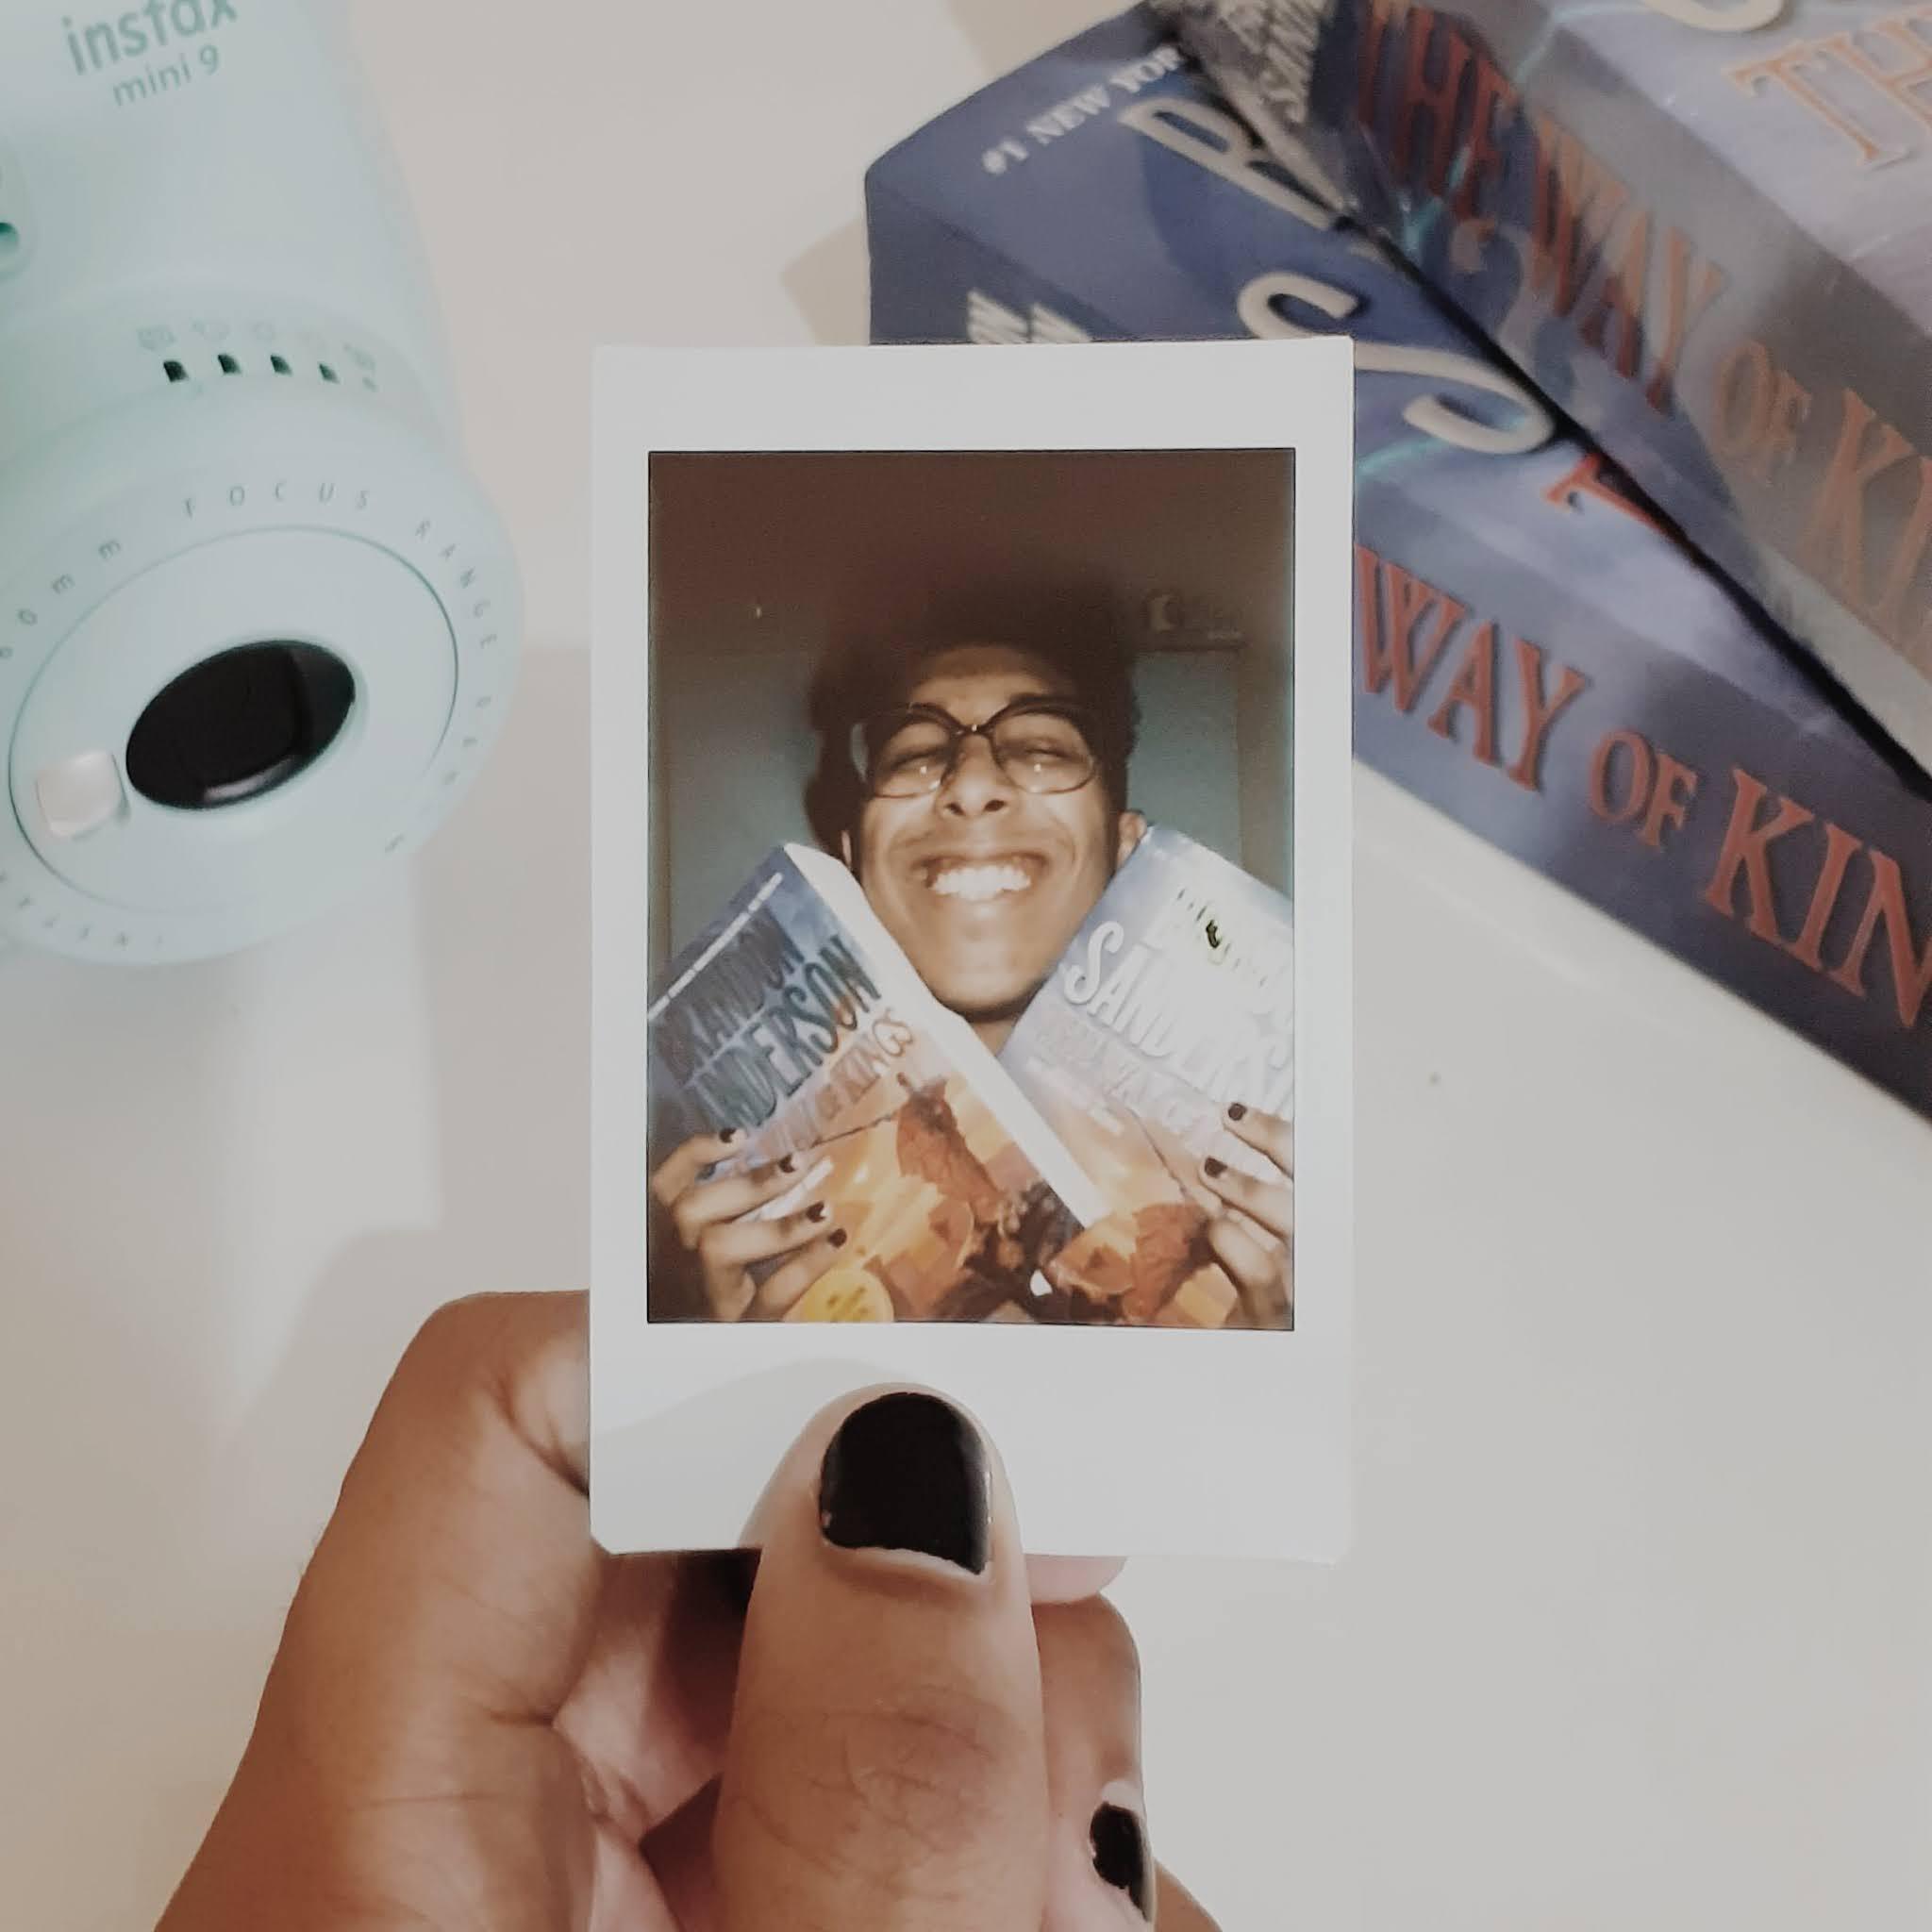 Alec Costa segurando uma polaroid cuja foto ele está feliz com dois exemplares de The Way of Kings.